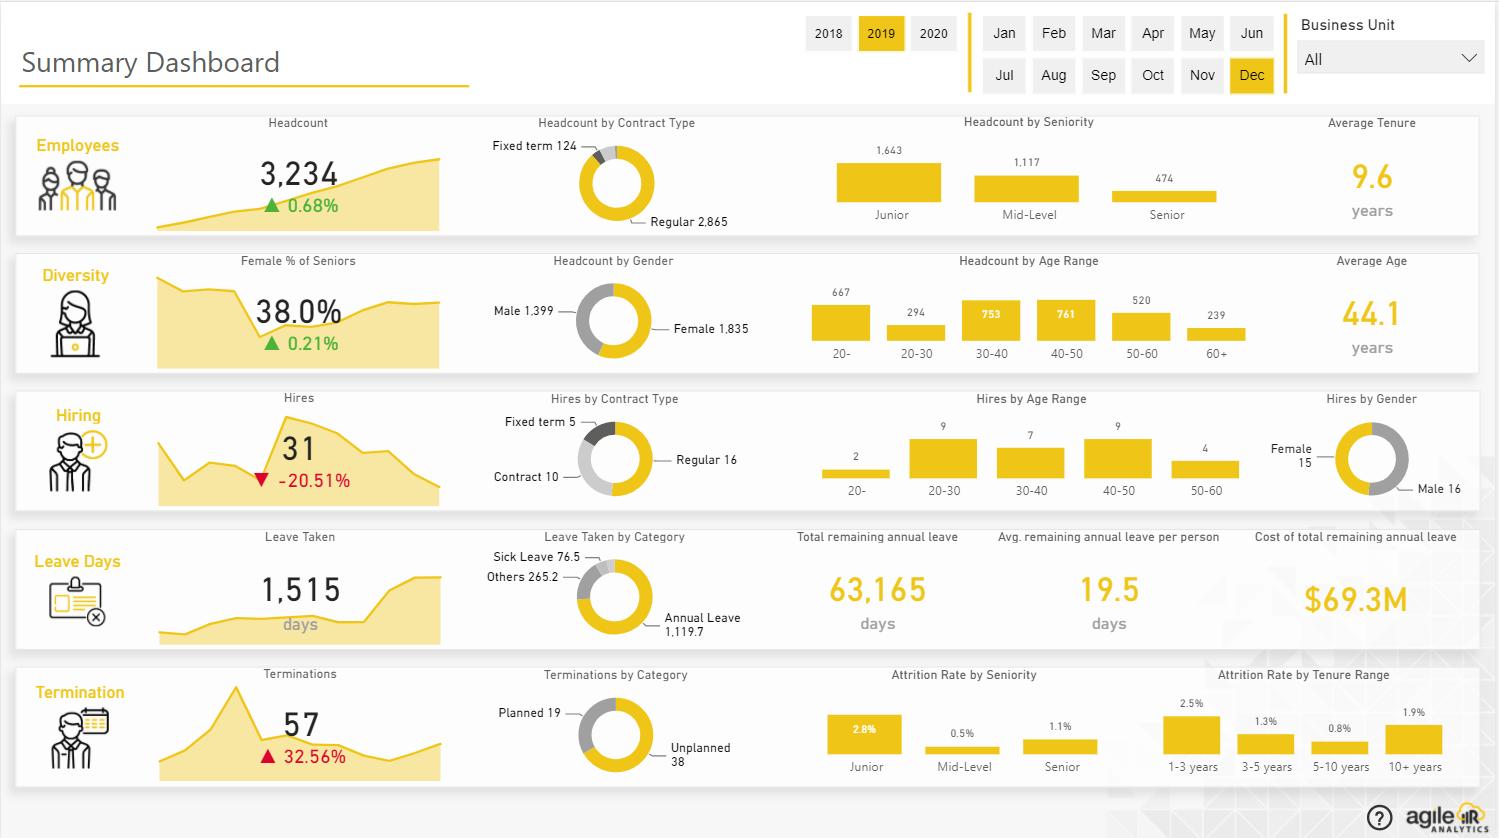 HR Analytics - Summary